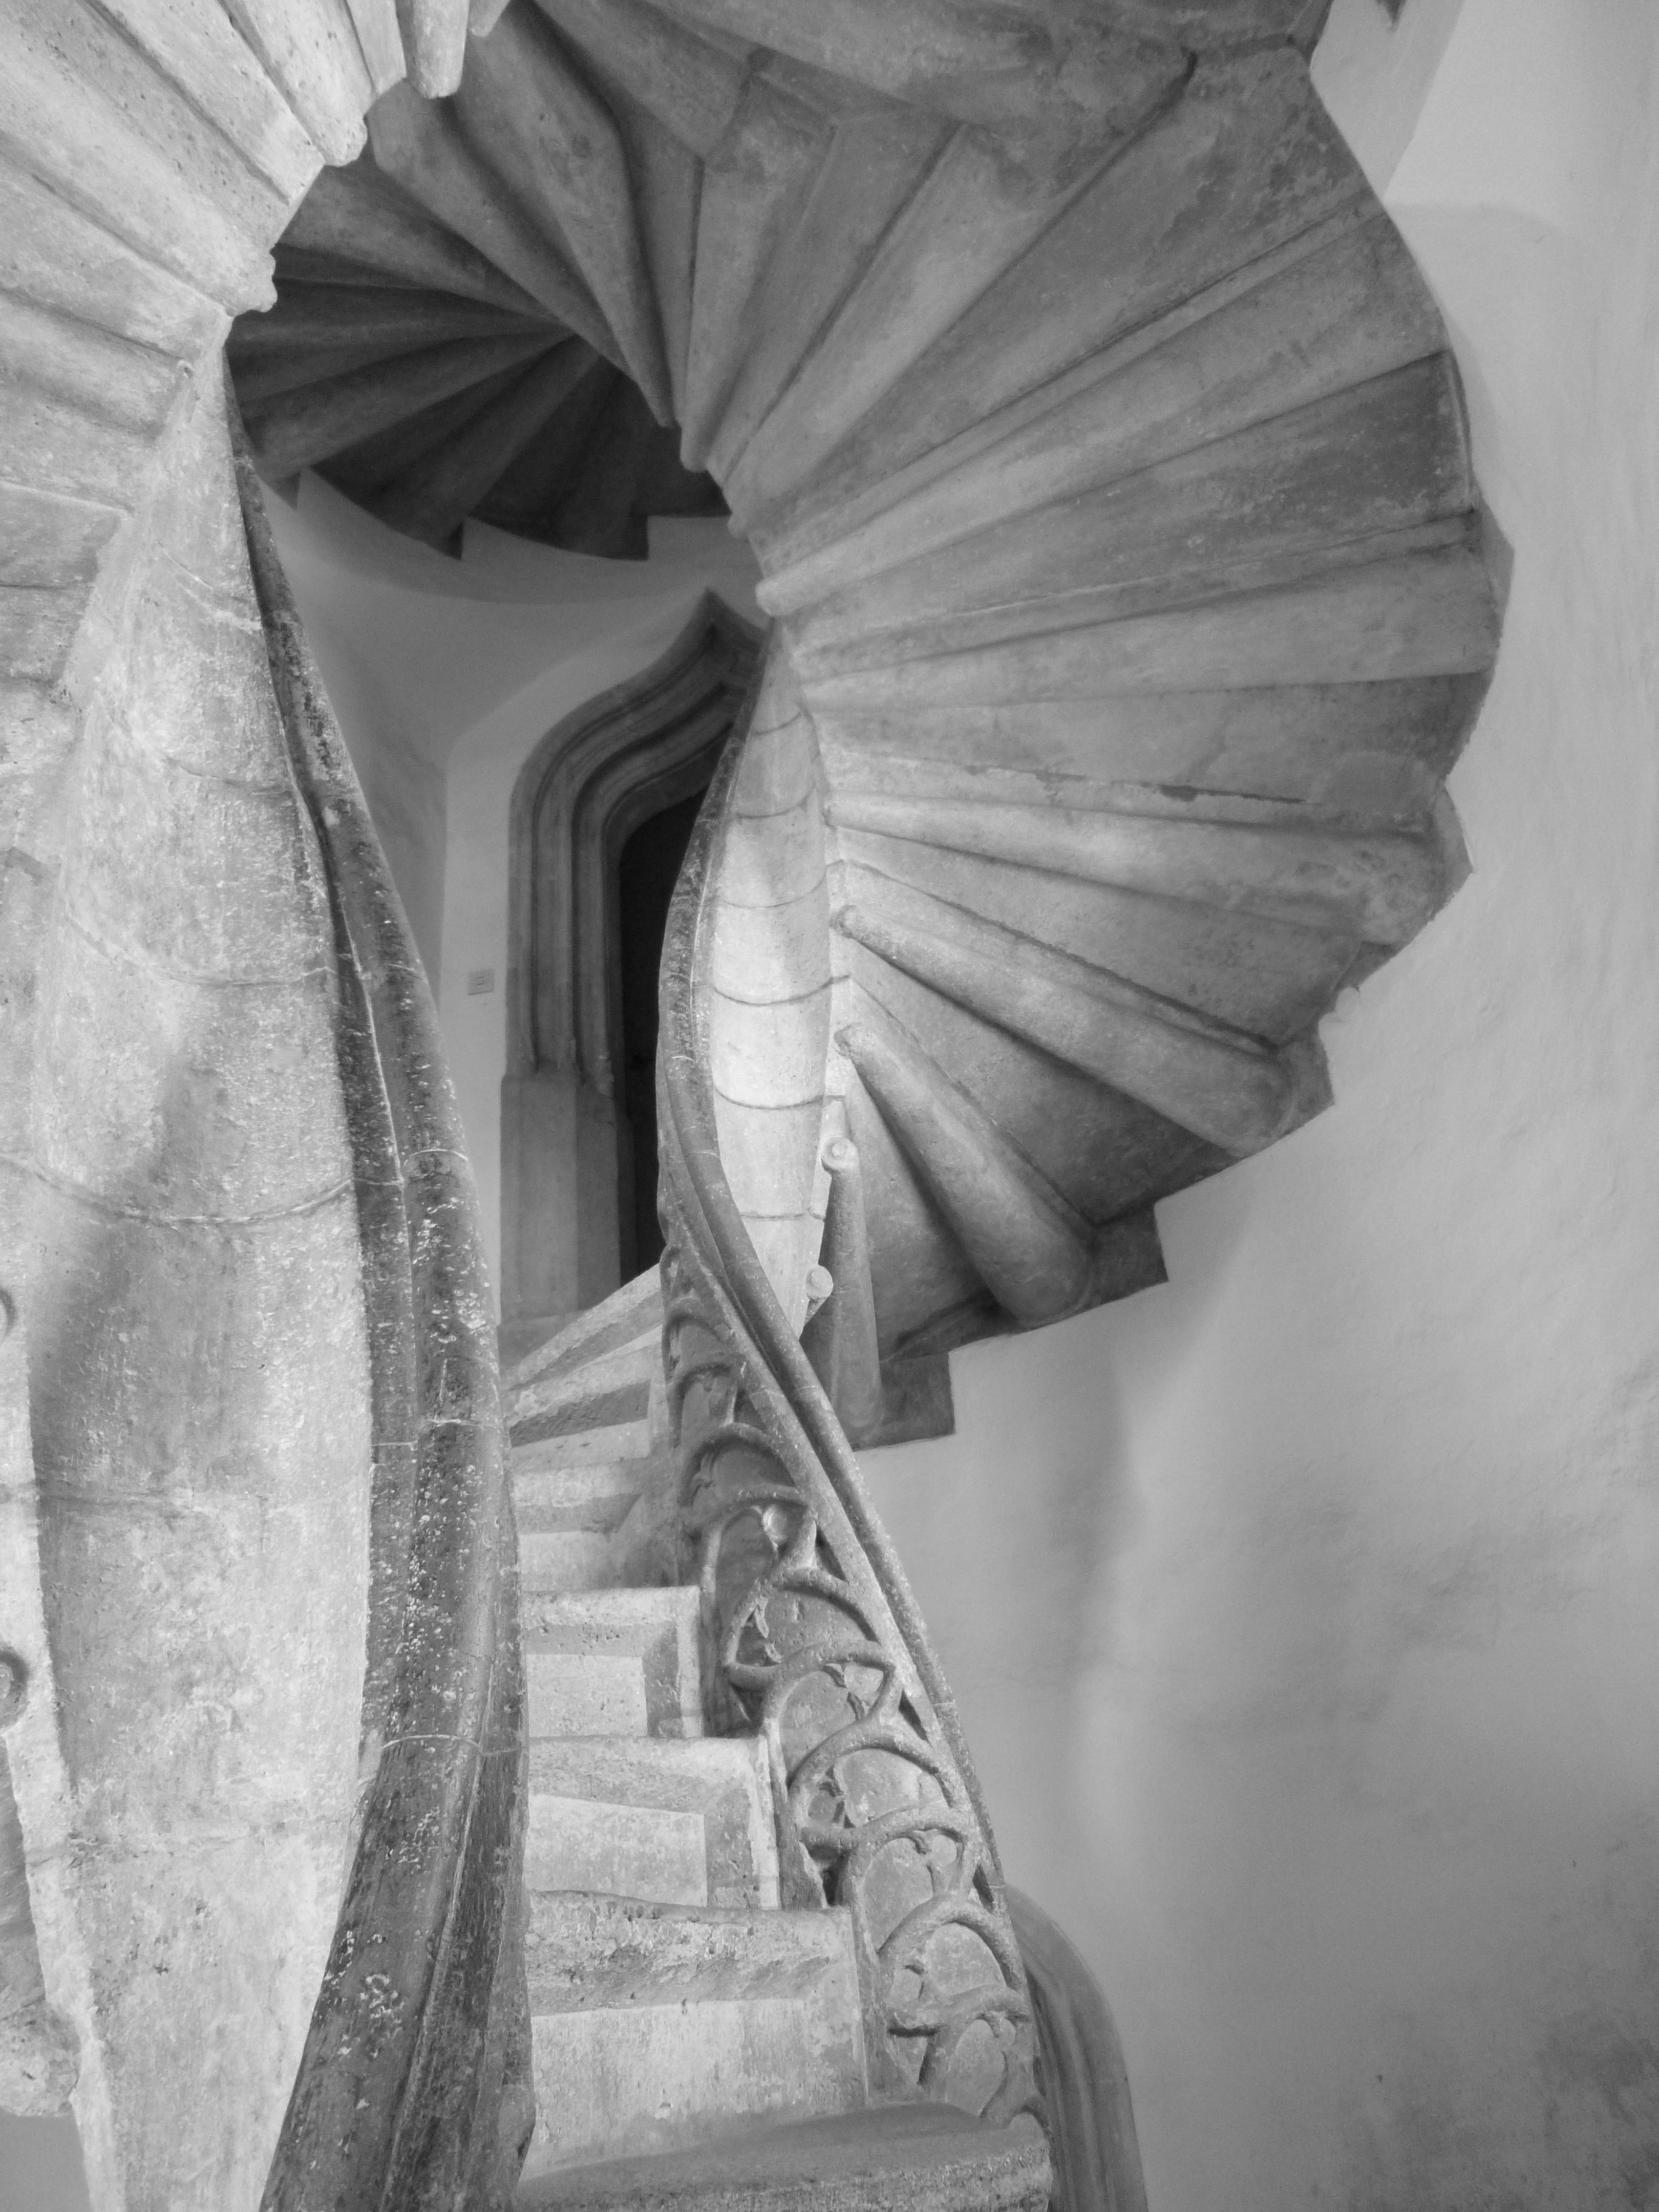 """La gente de la localidad las han apodado Las Escaleras de la Reconciliación porque, si bien van por caminos separados"""", eventualmente terminan reuniéndose. Curiosamente, no se sabe el nombre del arquitecto que las diseñó.  Fotografía de Von E.mil.mil (talk) - Eigenes Werk, CC BY-SA 3.0 at-"""